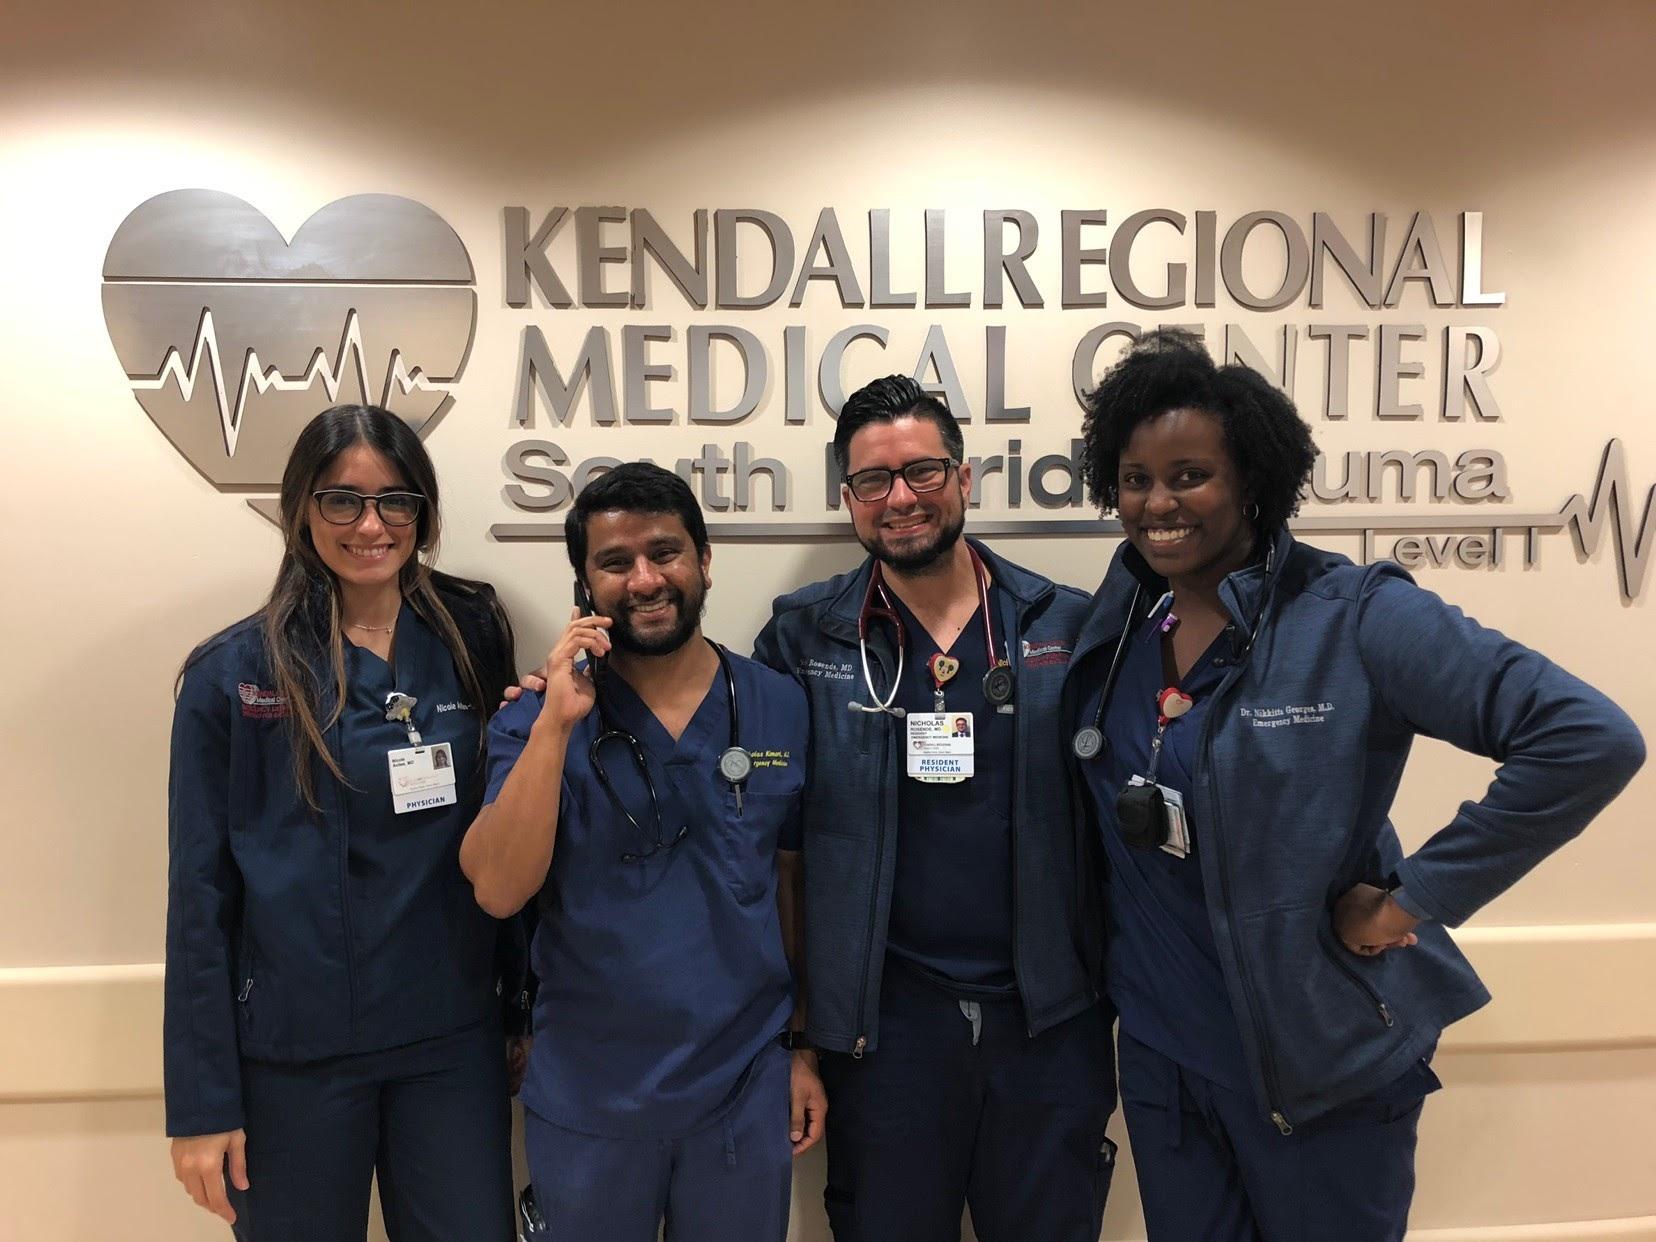 GALLERY | Kendall Regional Emergency Medicine Residency Program